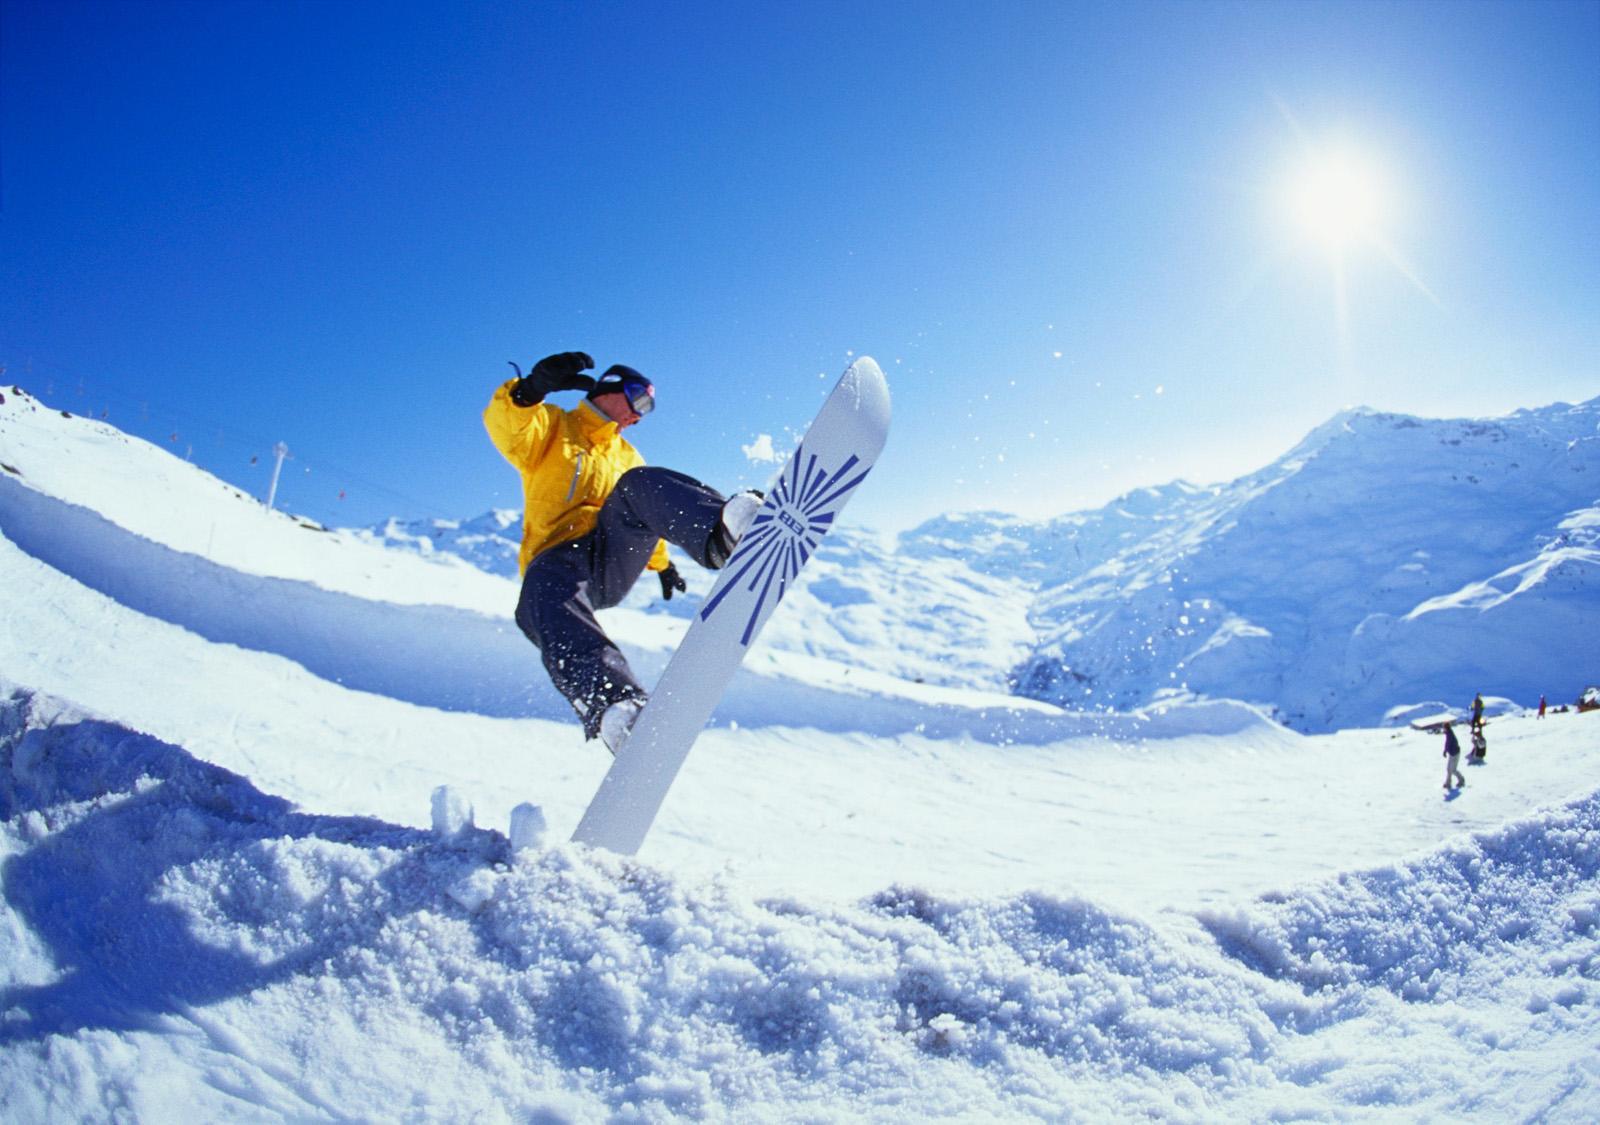 Как правильно выбирать брюки для сноуборда?